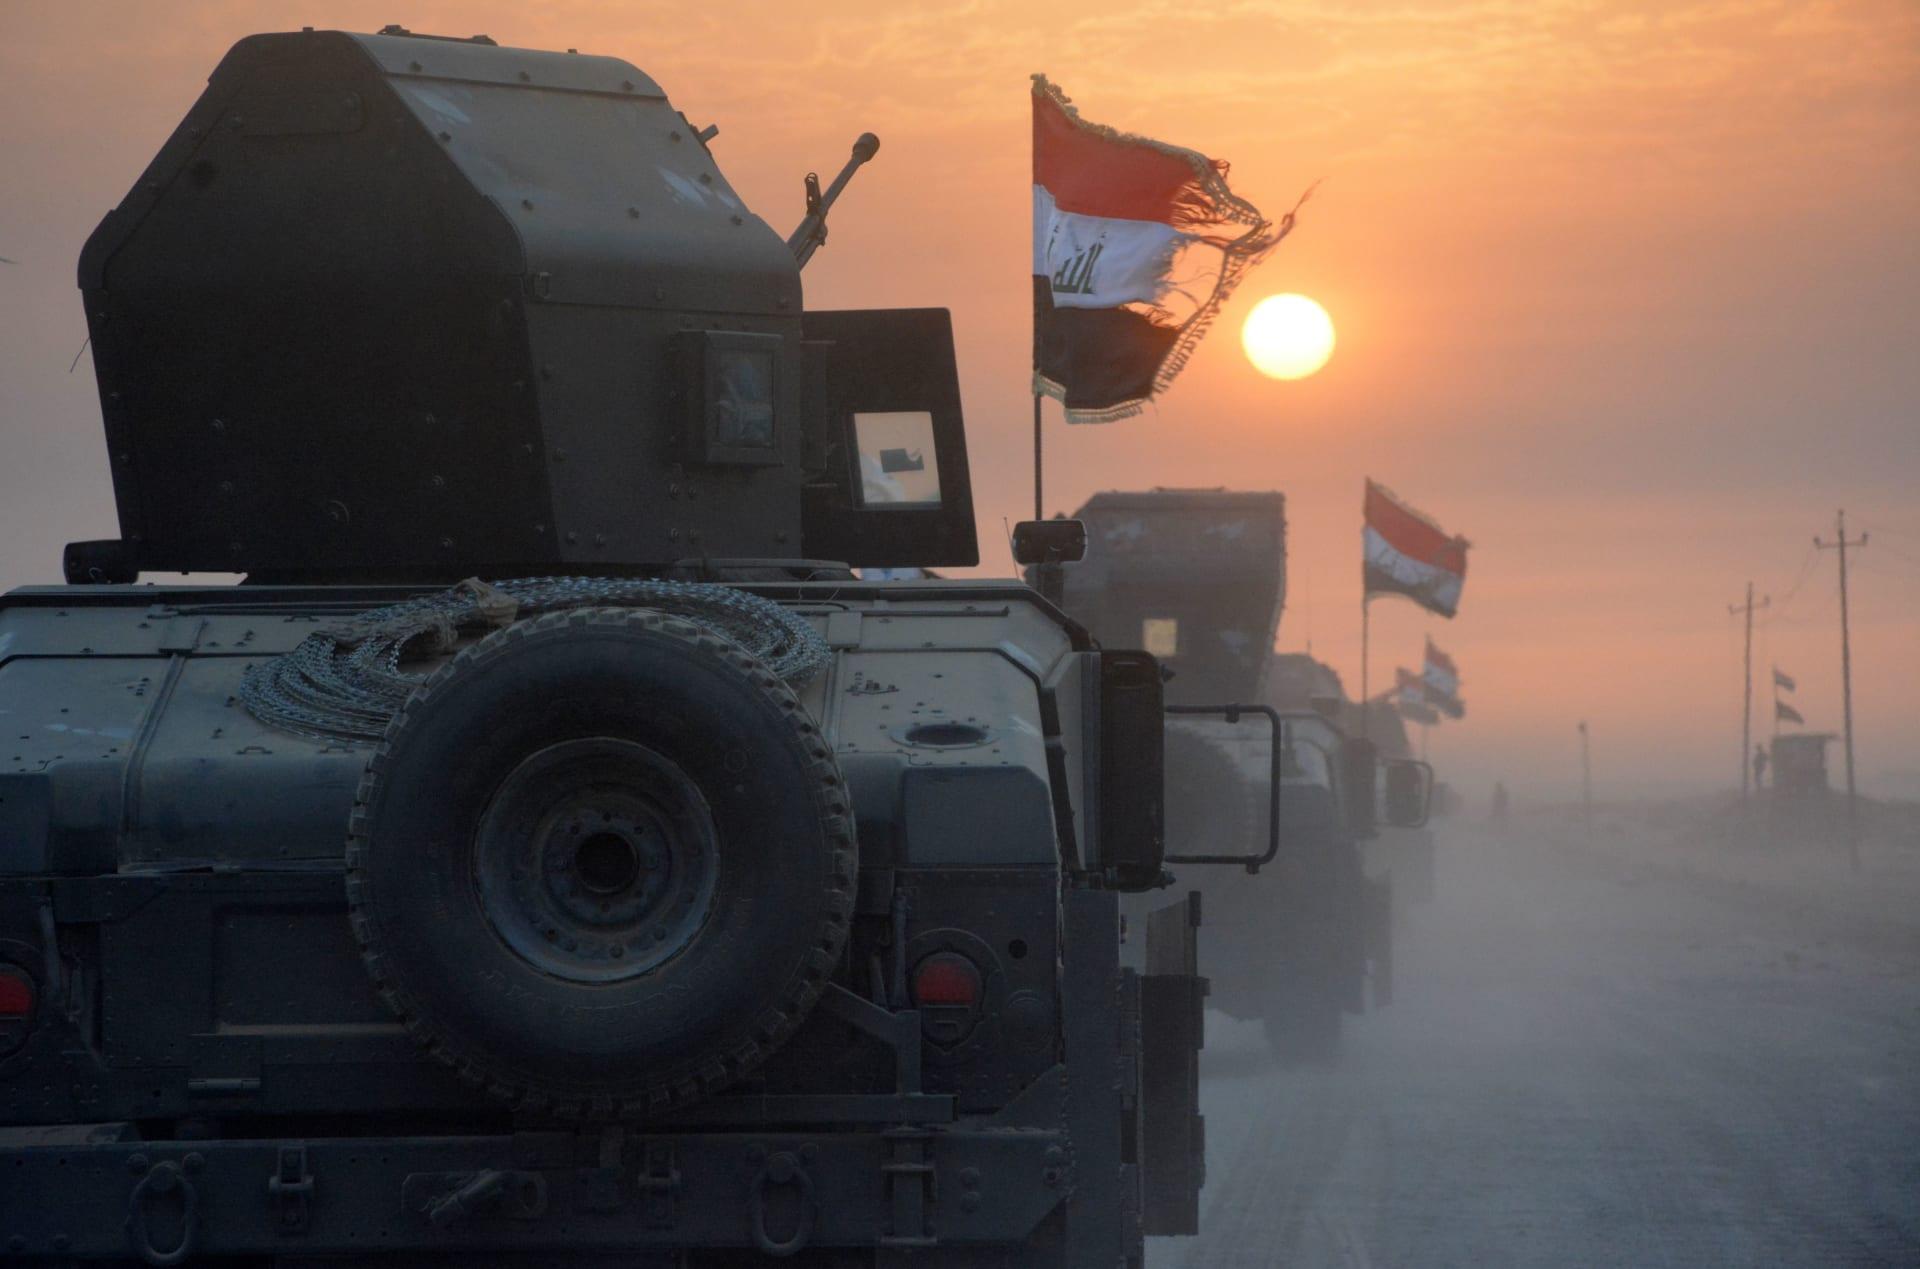 القوات العراقية يتأهب لاستعادة الموصل... ومنشورات تنذر السكان